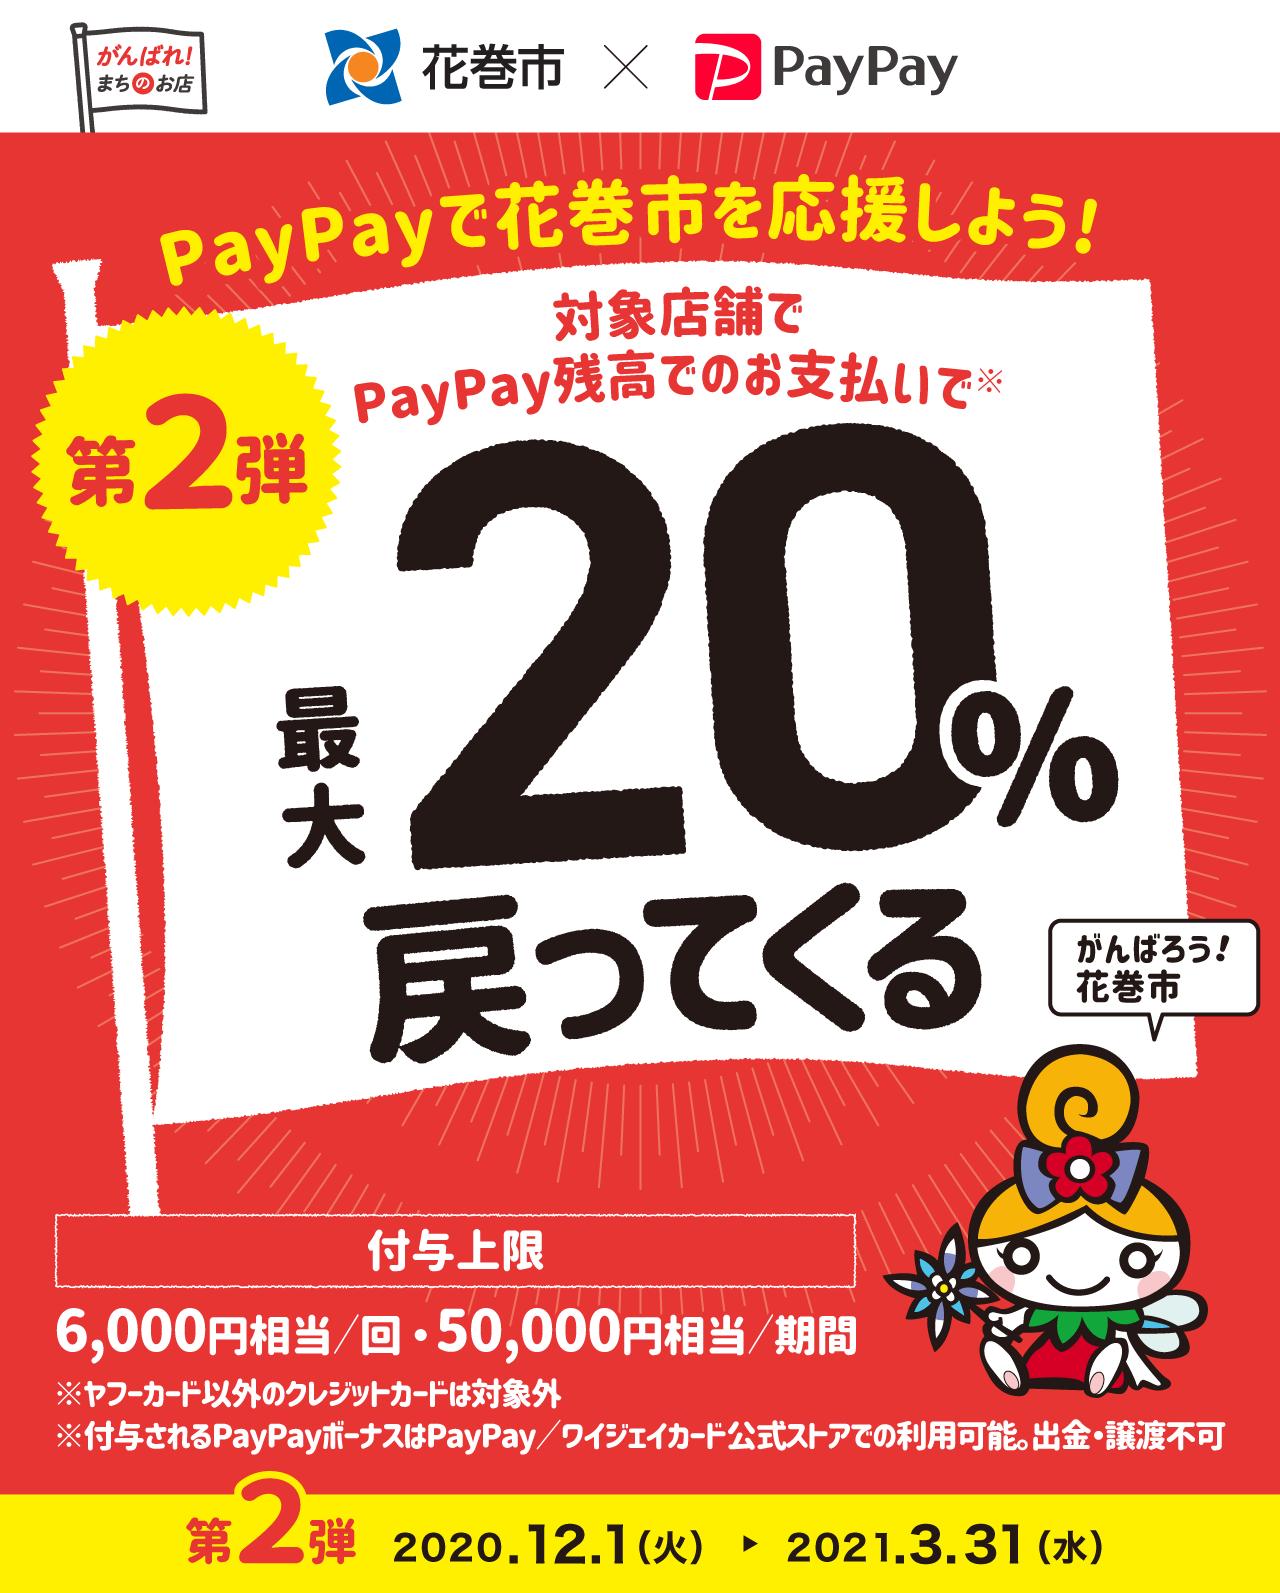 PayPayで花巻市を応援しよう! 第2弾 対象店舗でPayPay残高でのお支払いで 最大20%戻ってくる